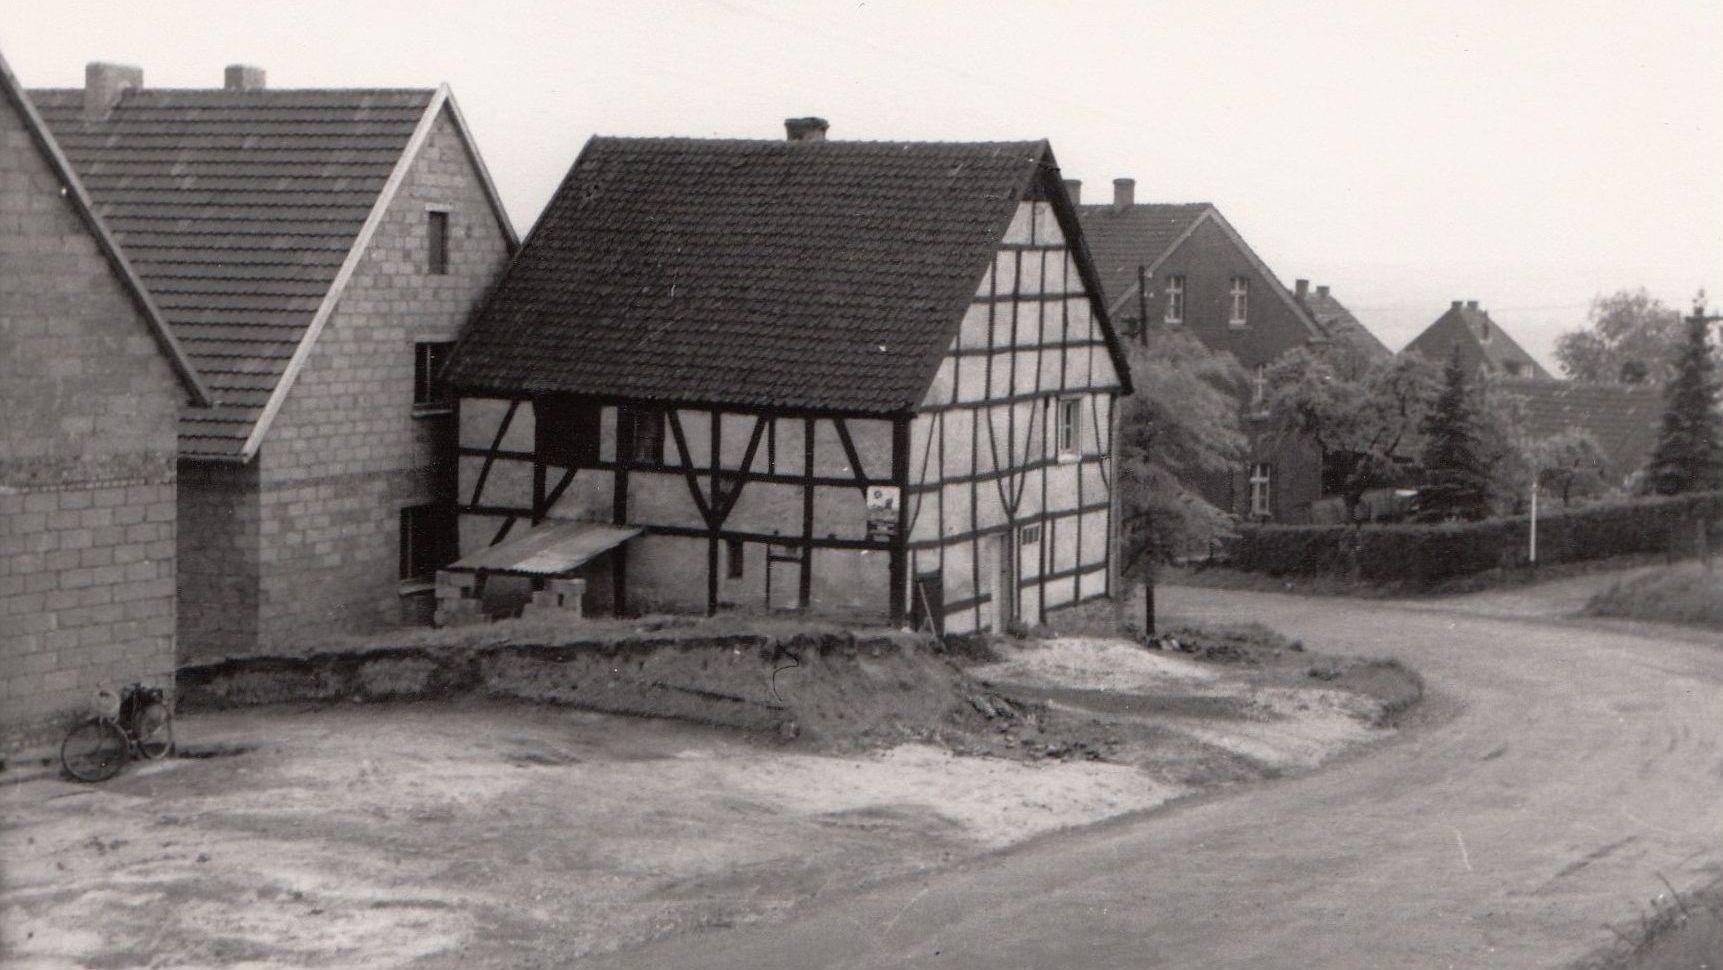 Zur Verbreiterung der Kemnader Straße in den 1950er Jahren abgerissen: Fachwerkhaus in der Kurve an der Steilstraße Foto: Archiv W. Dickten